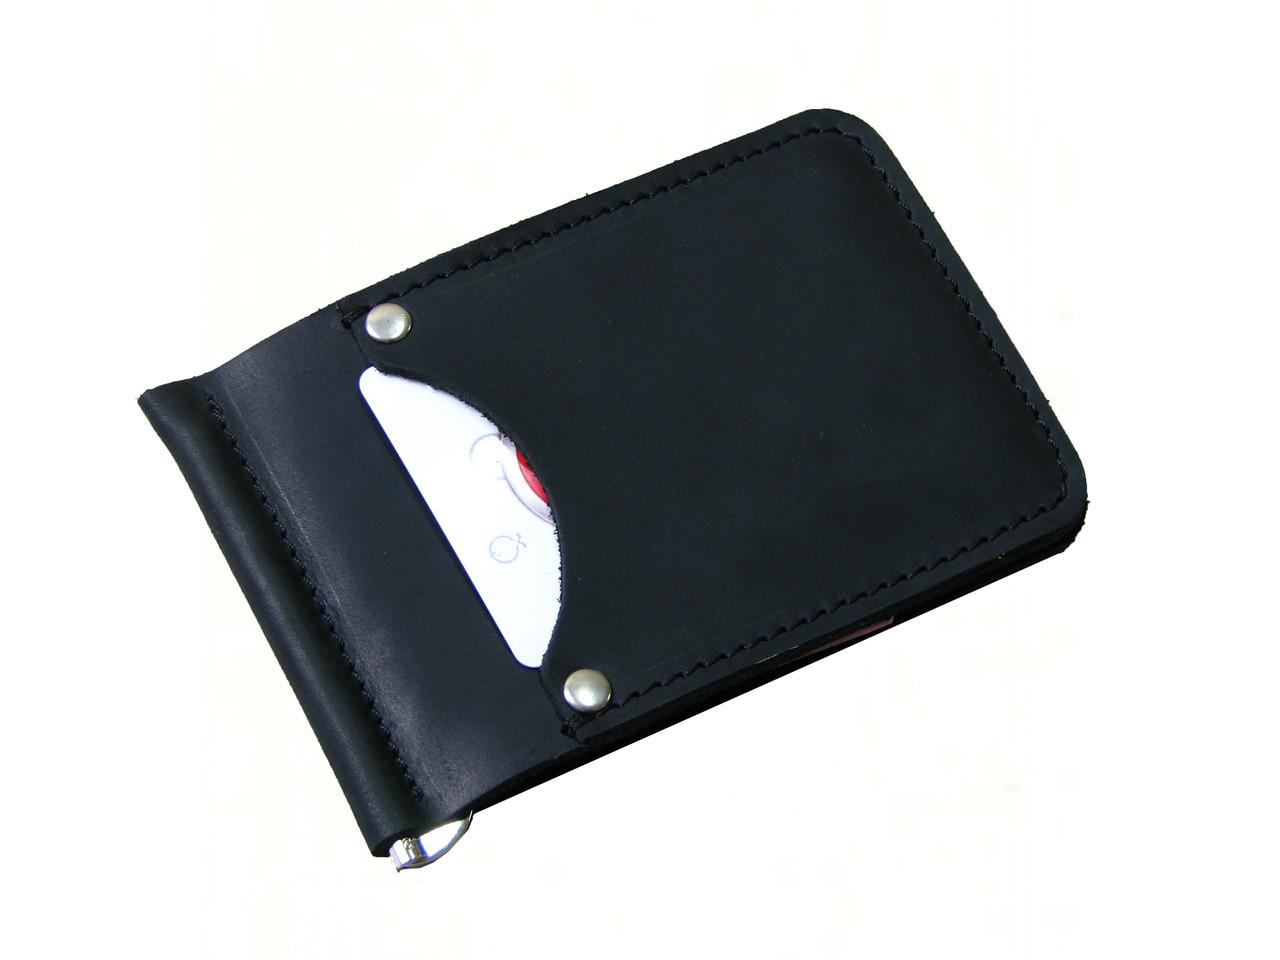 Мужской кошелек с зажимом для купюр GS кожаный черный